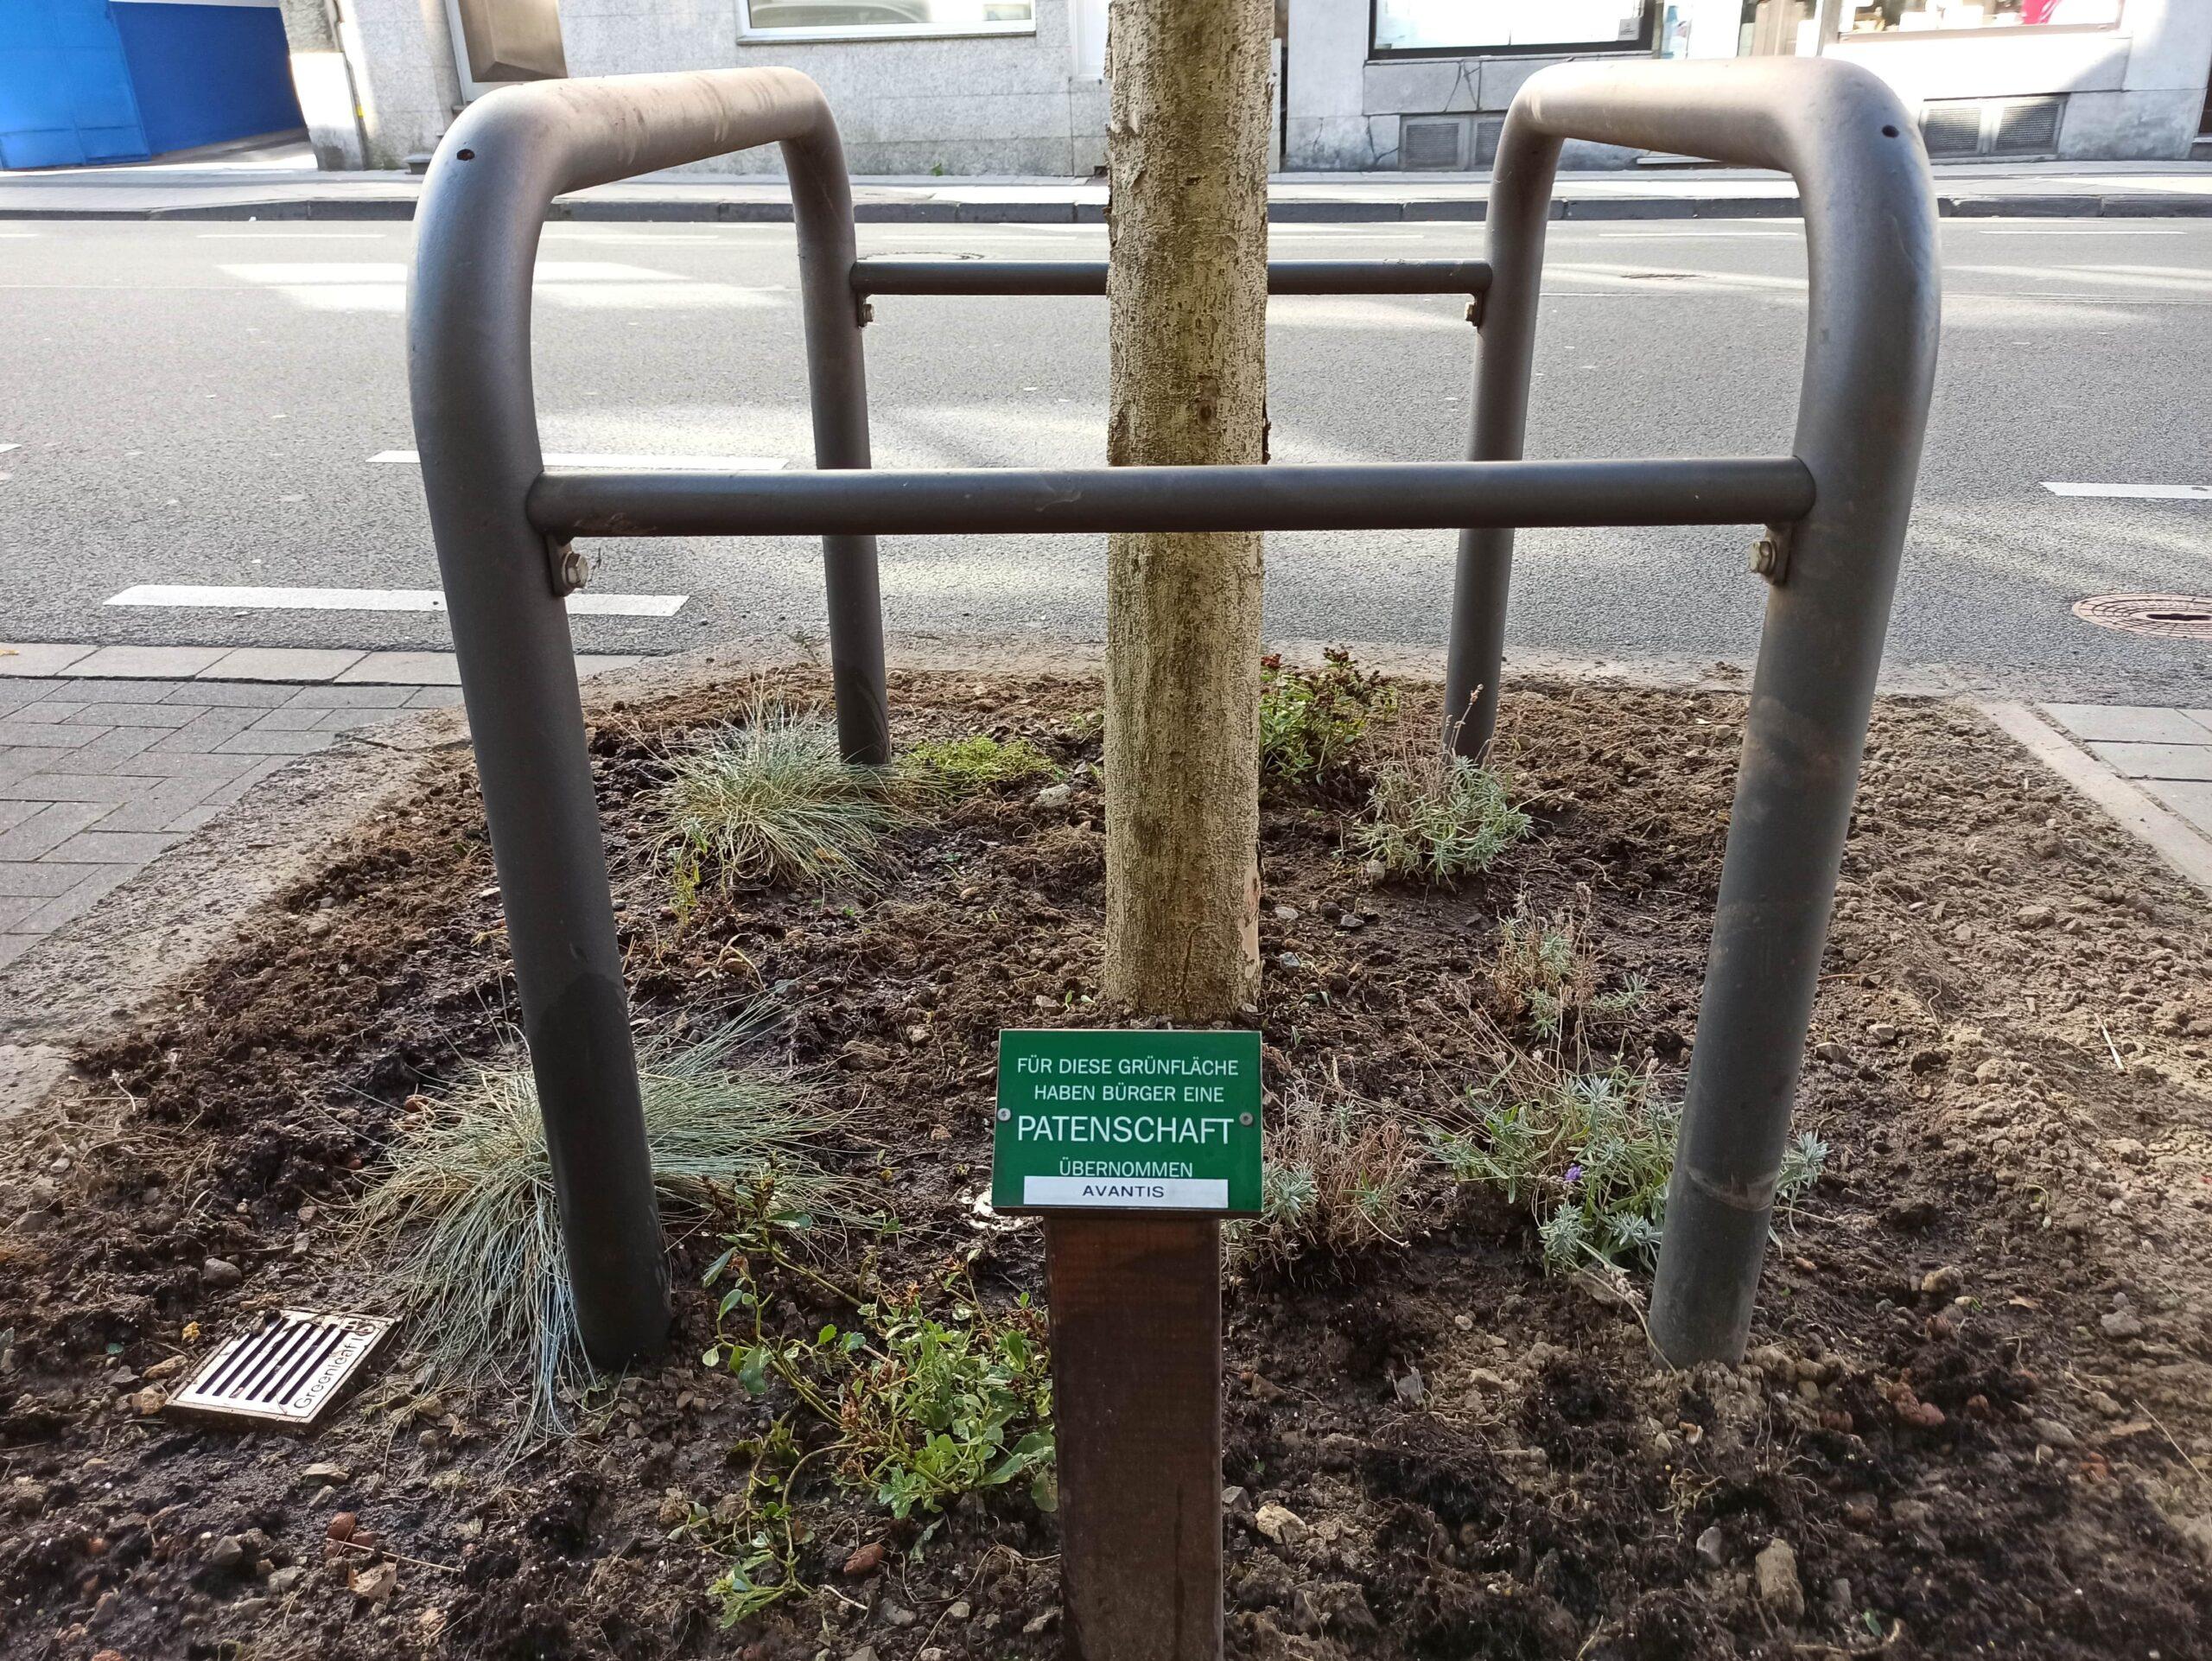 Pflegedienst Avantis Grünfläche Aachen